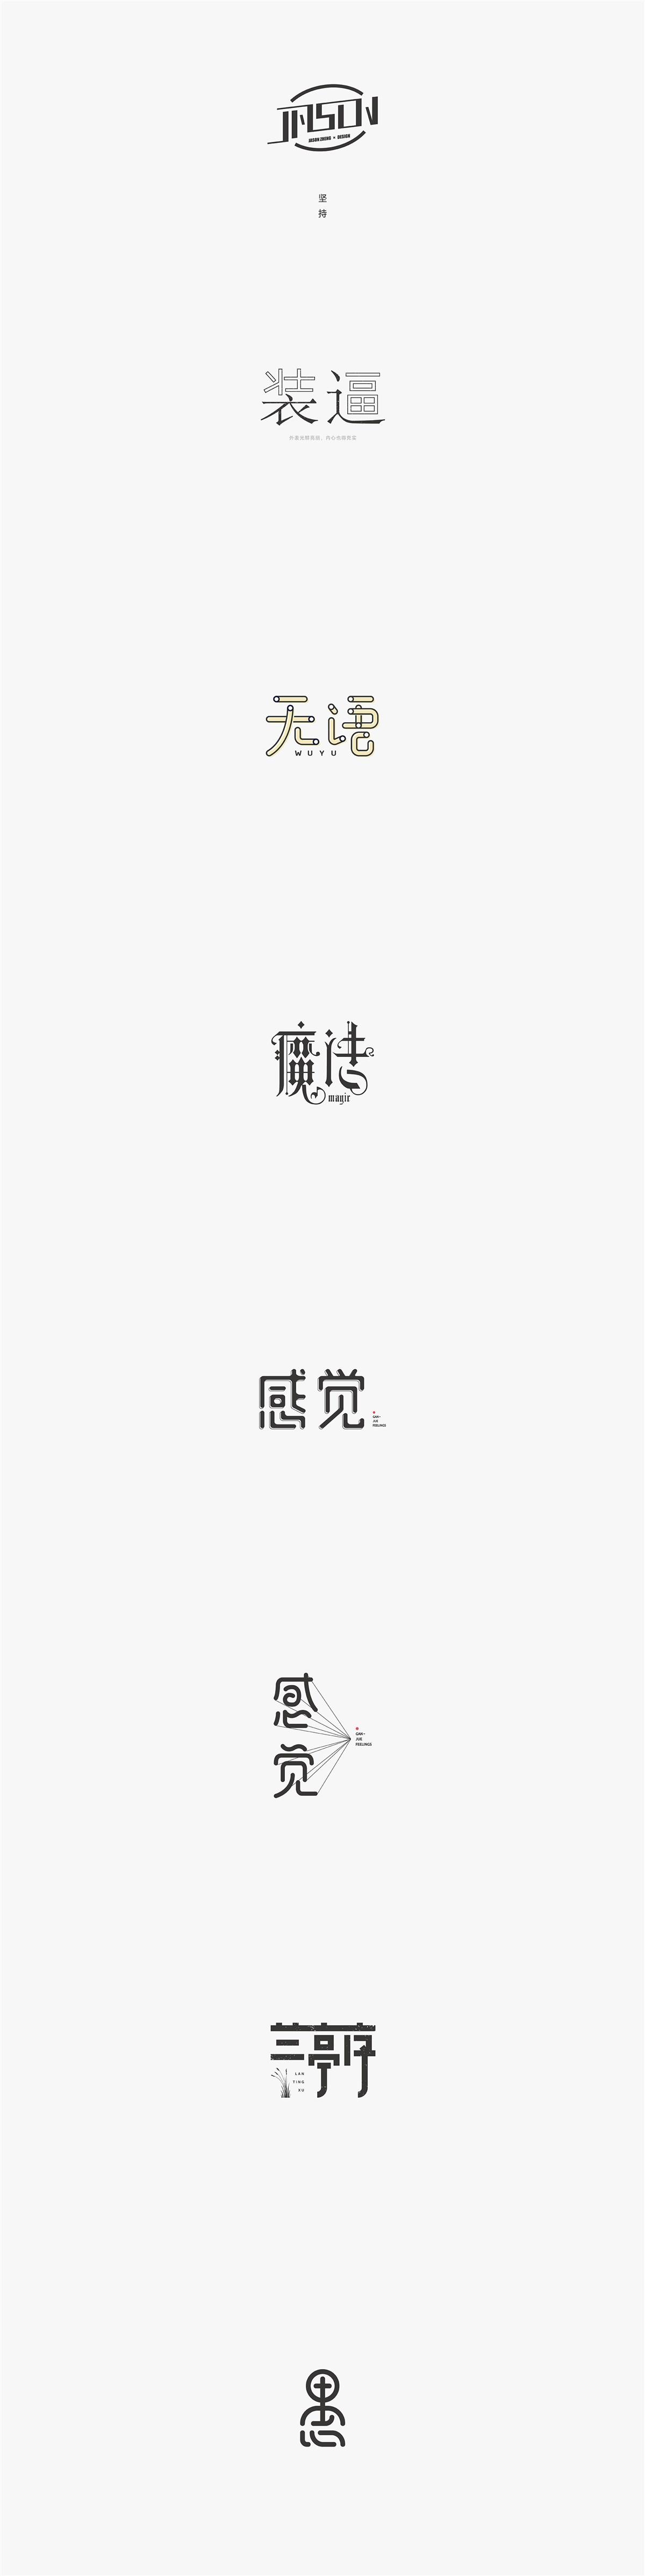 字语丨第壹集